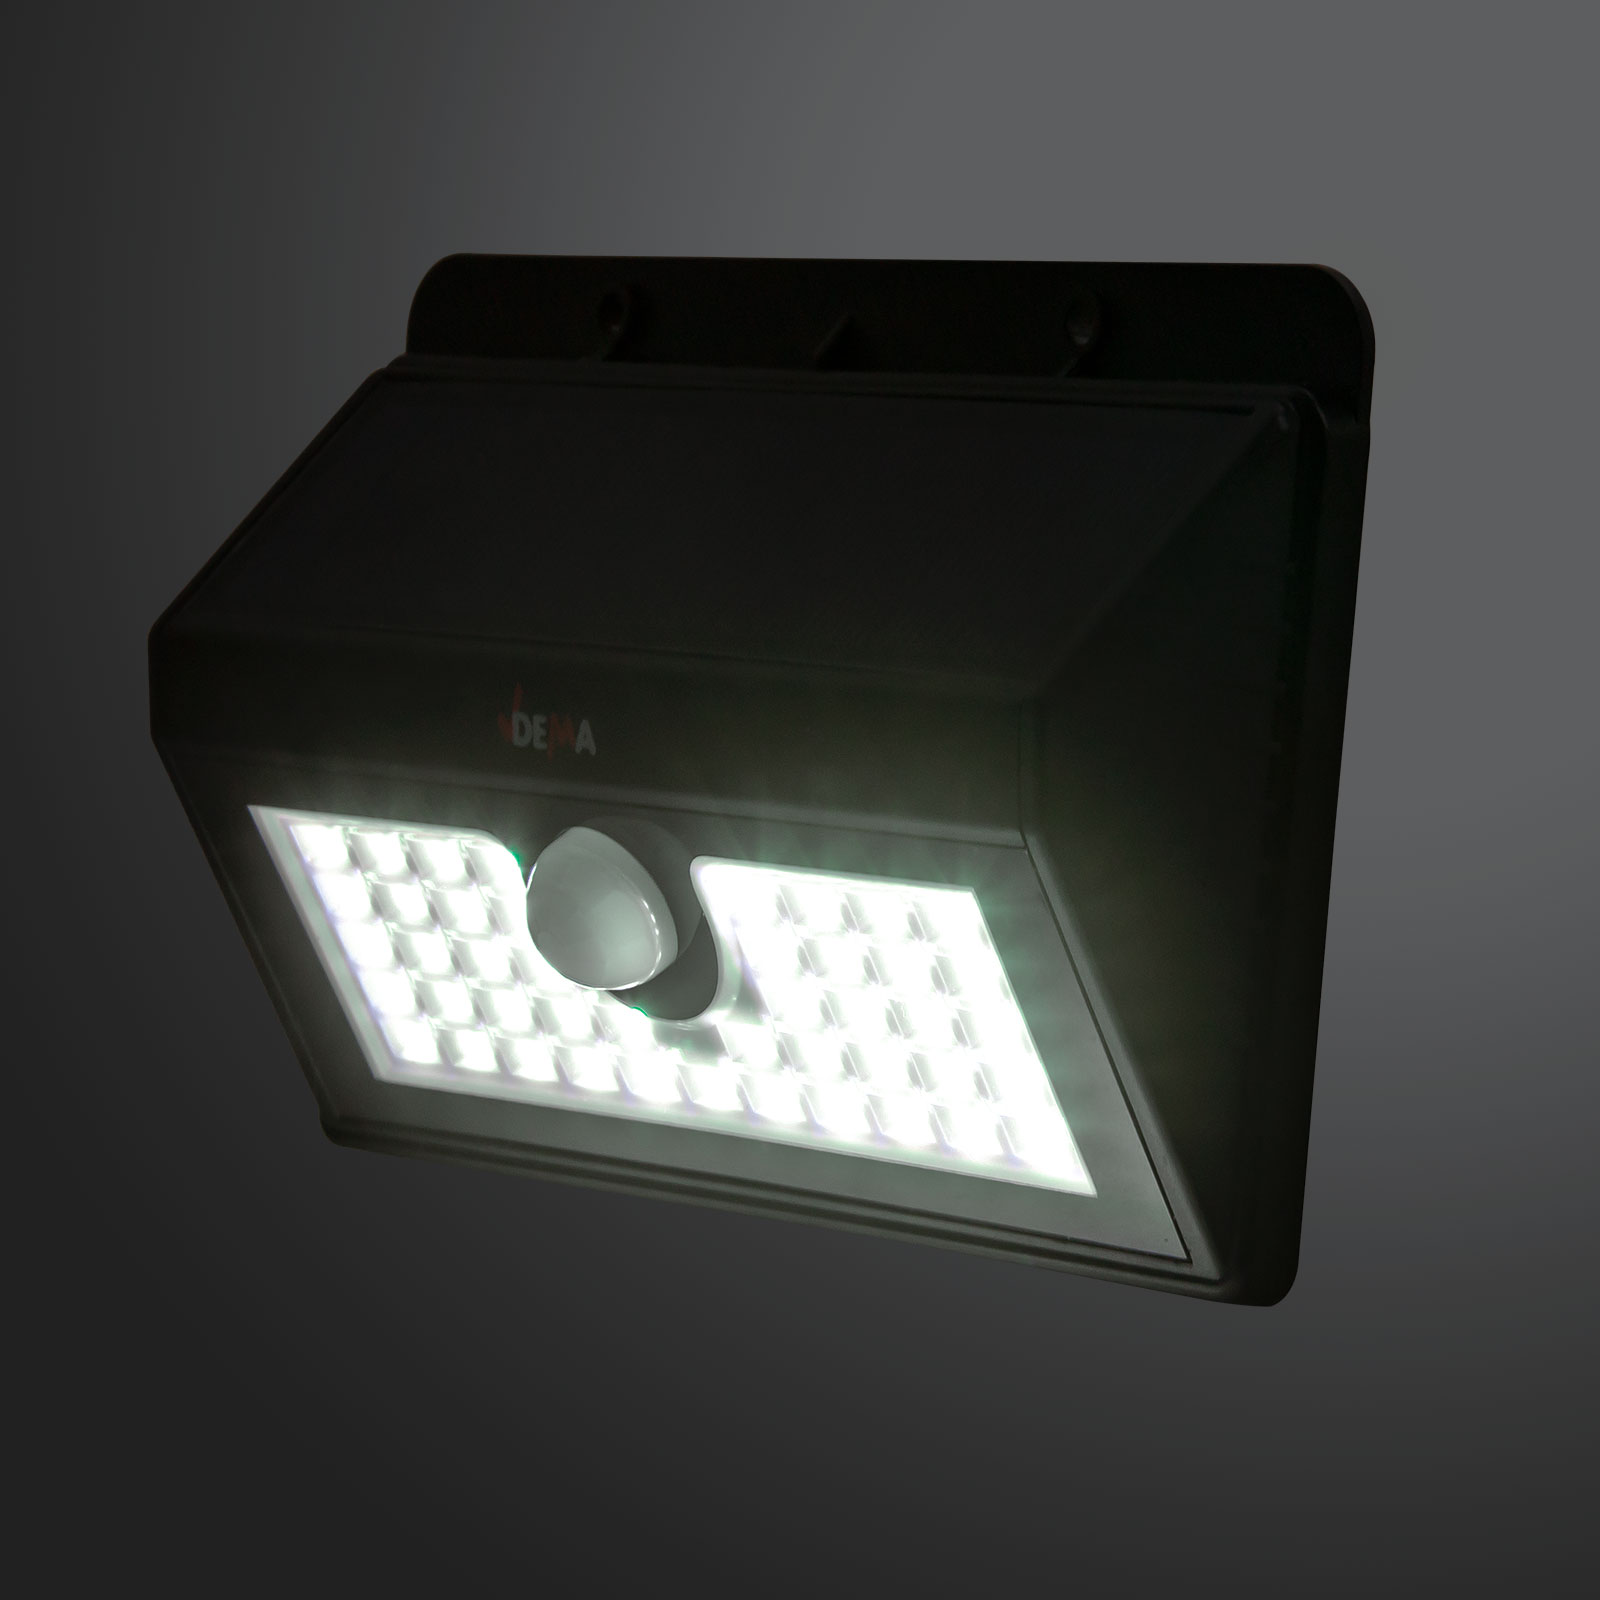 led sensor leuchte akku solar bewegungsmelder au enleuchte solarleuchte 300 lm. Black Bedroom Furniture Sets. Home Design Ideas